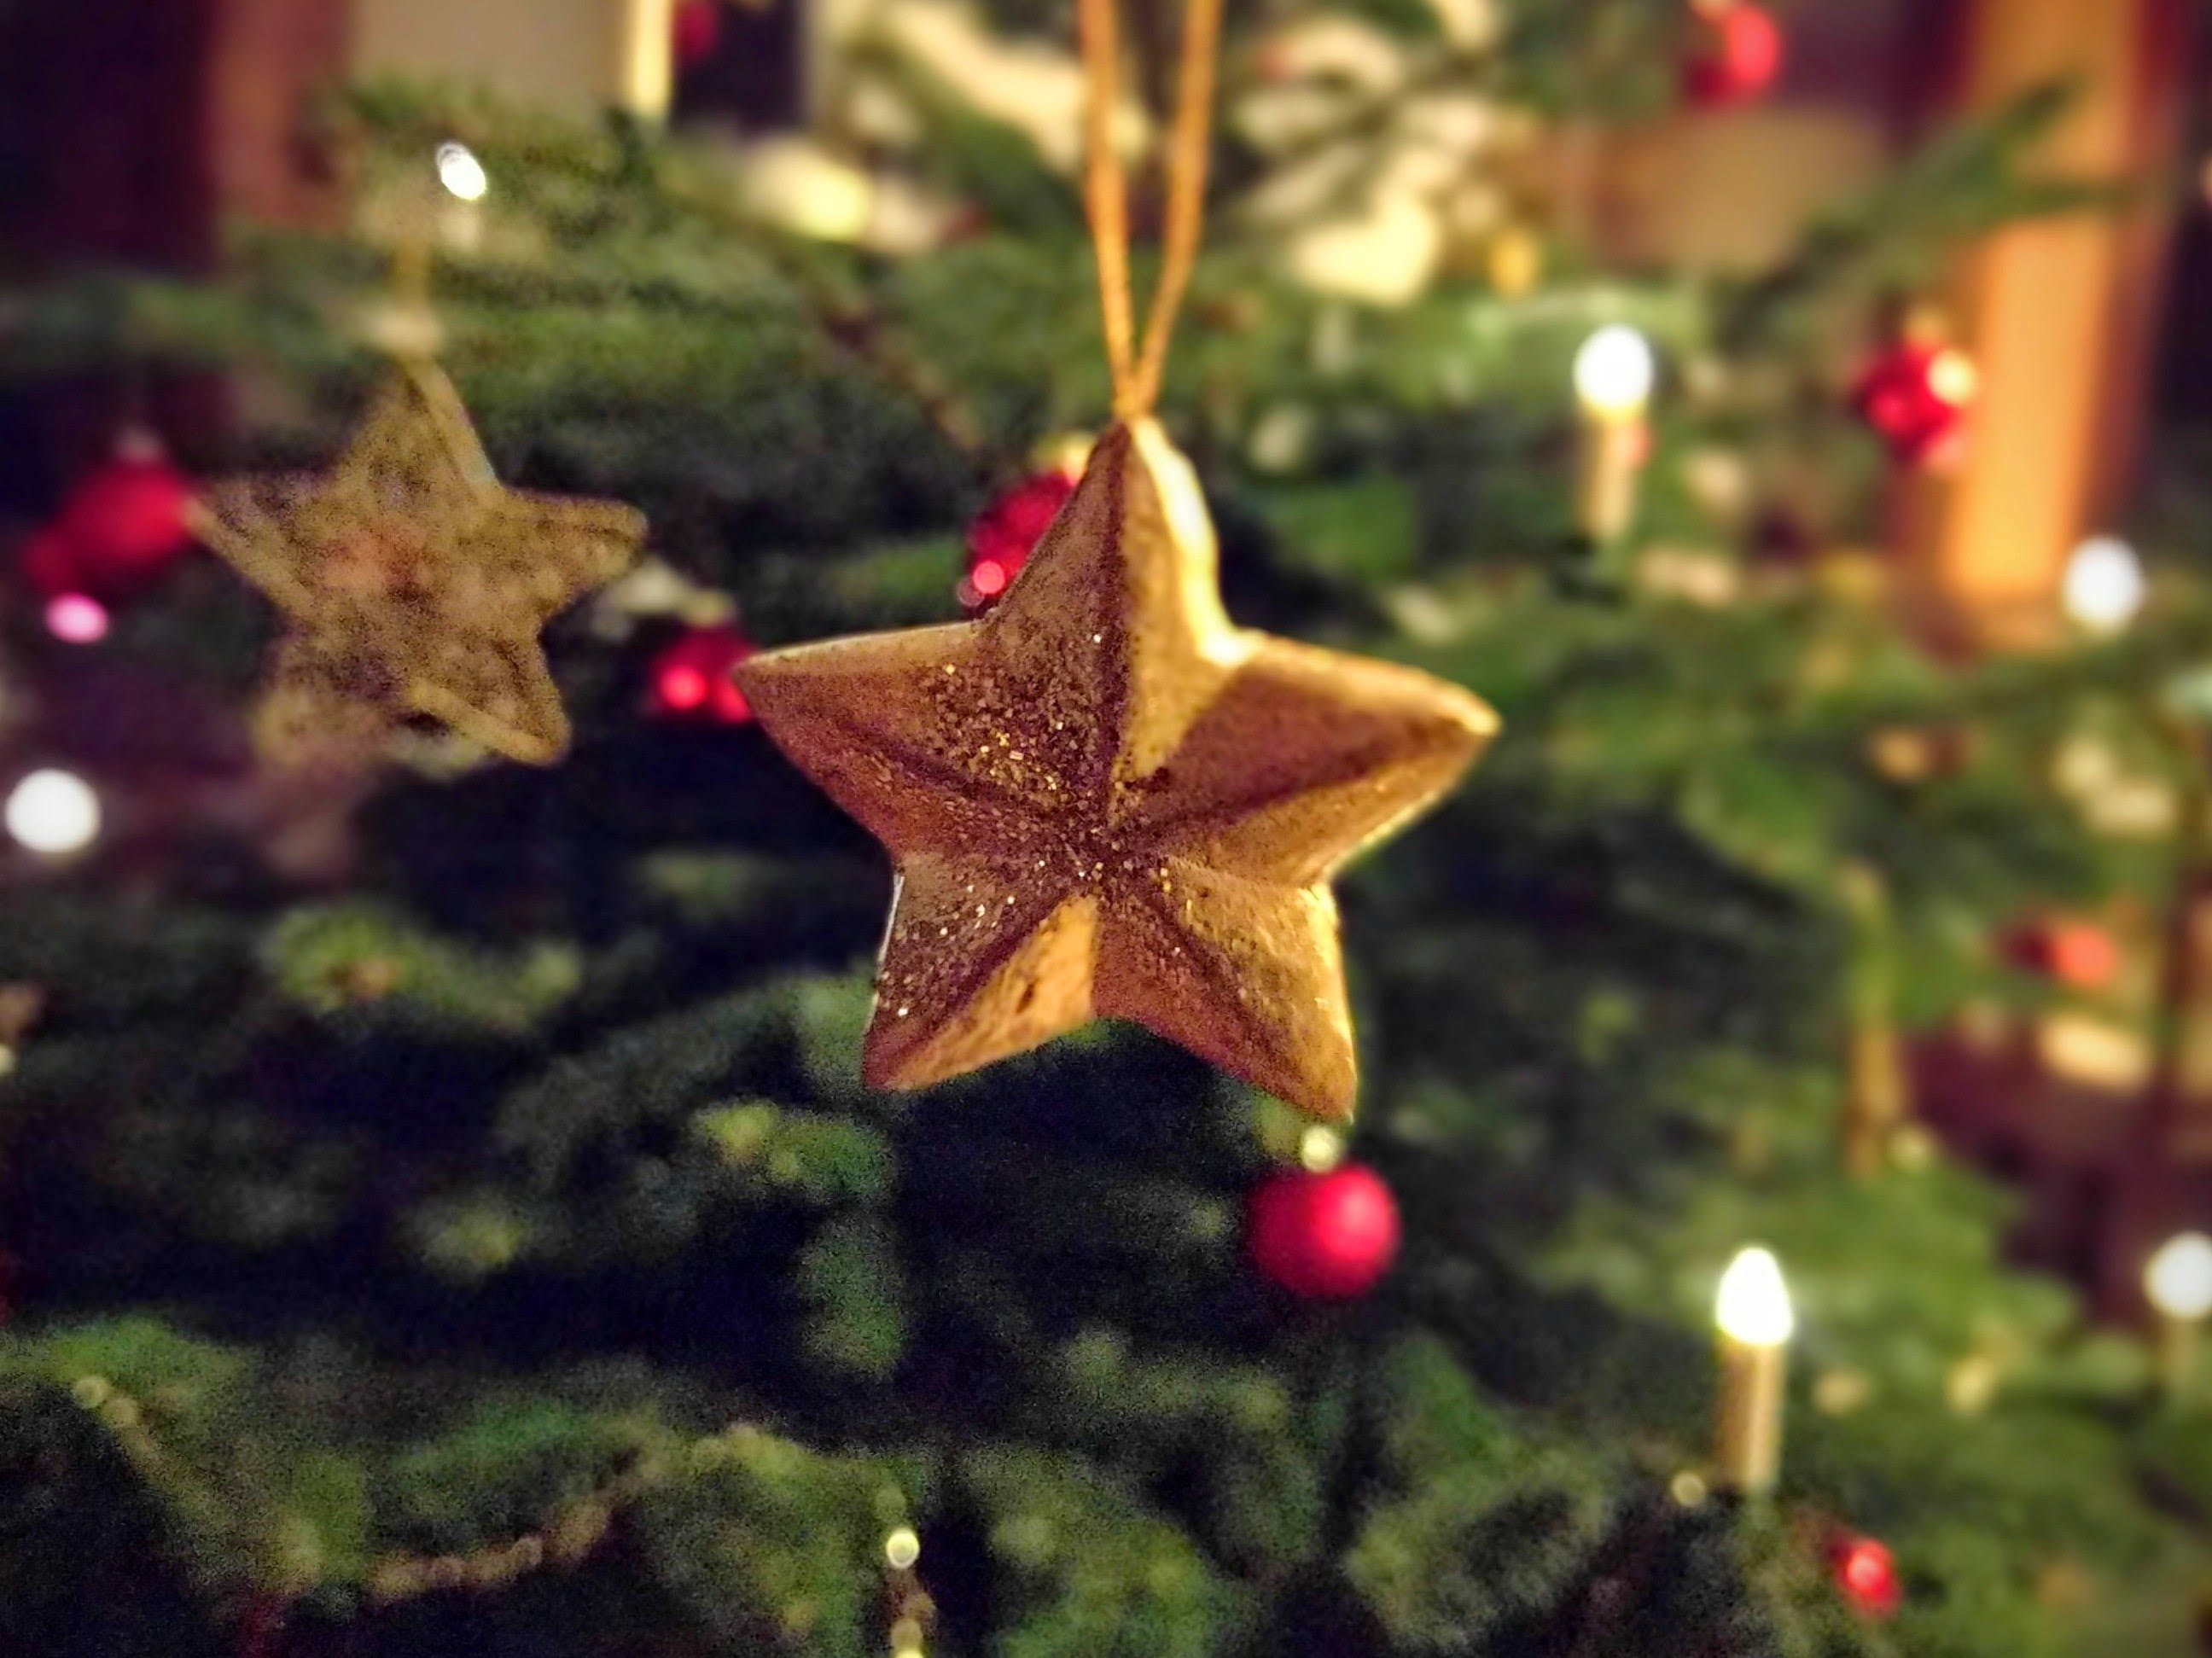 Foto d'estoc gratuïta de arbre, arbre de Nadal, bola, boles de nadal